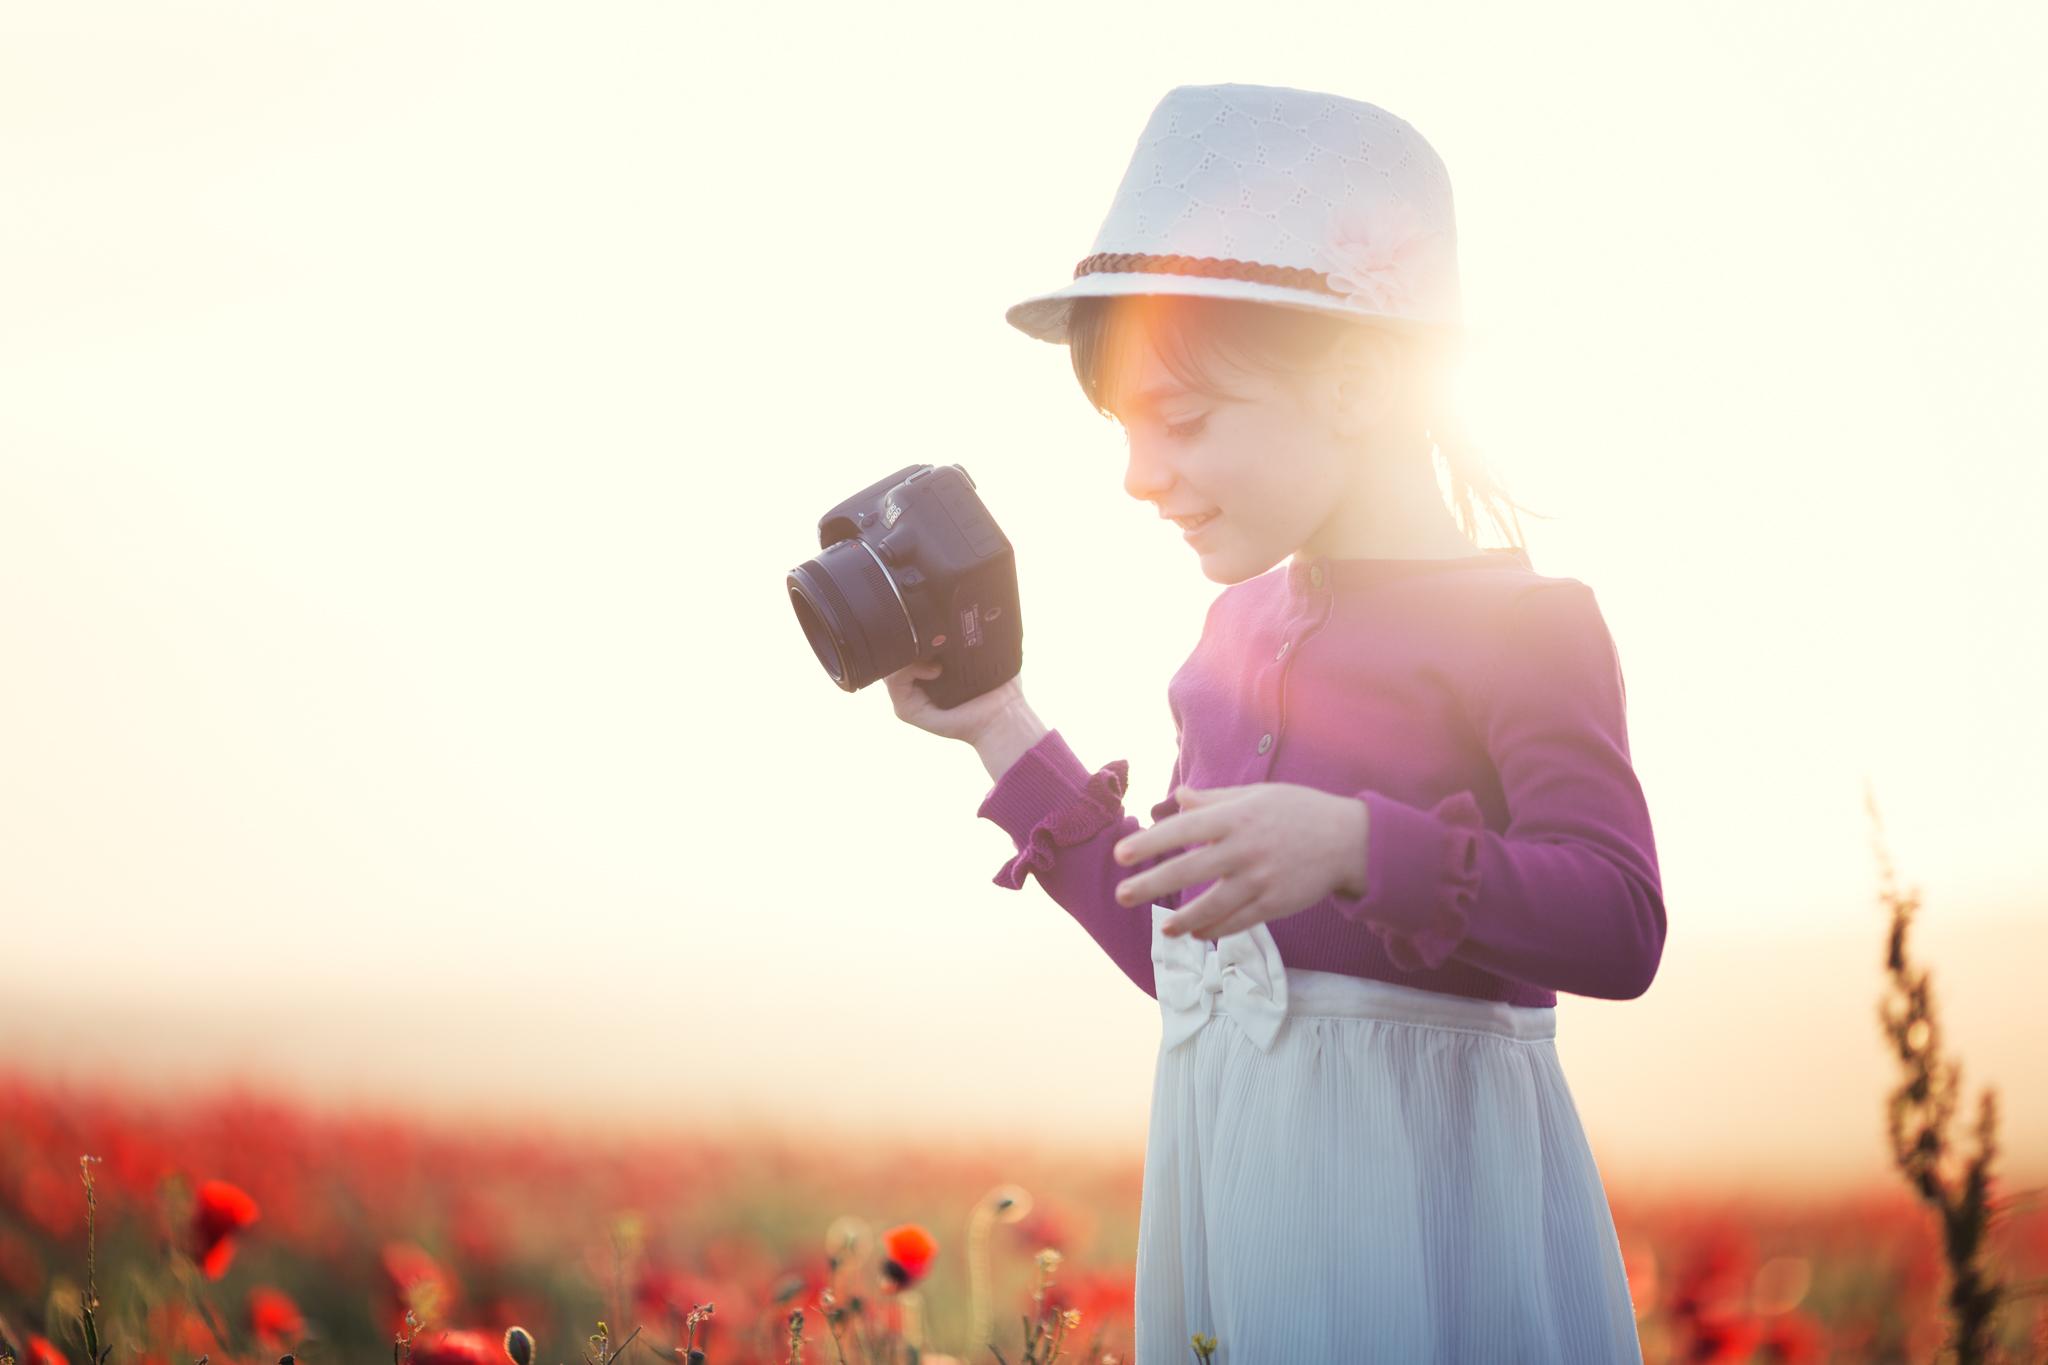 Natural light, sunset in poppy field